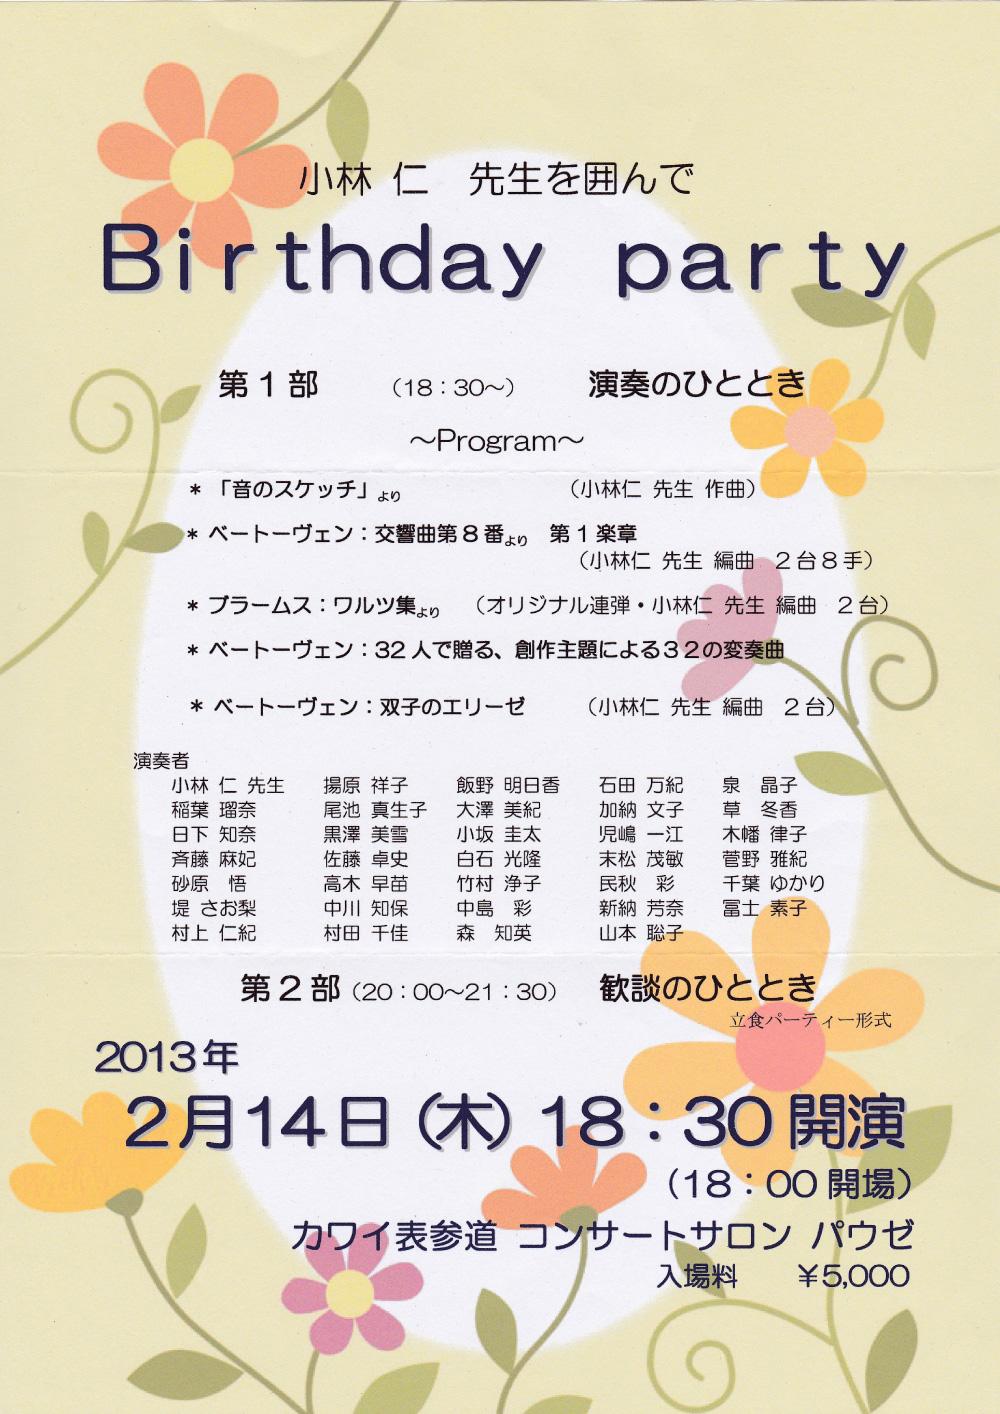 小林 仁先生を囲んで Birthday party